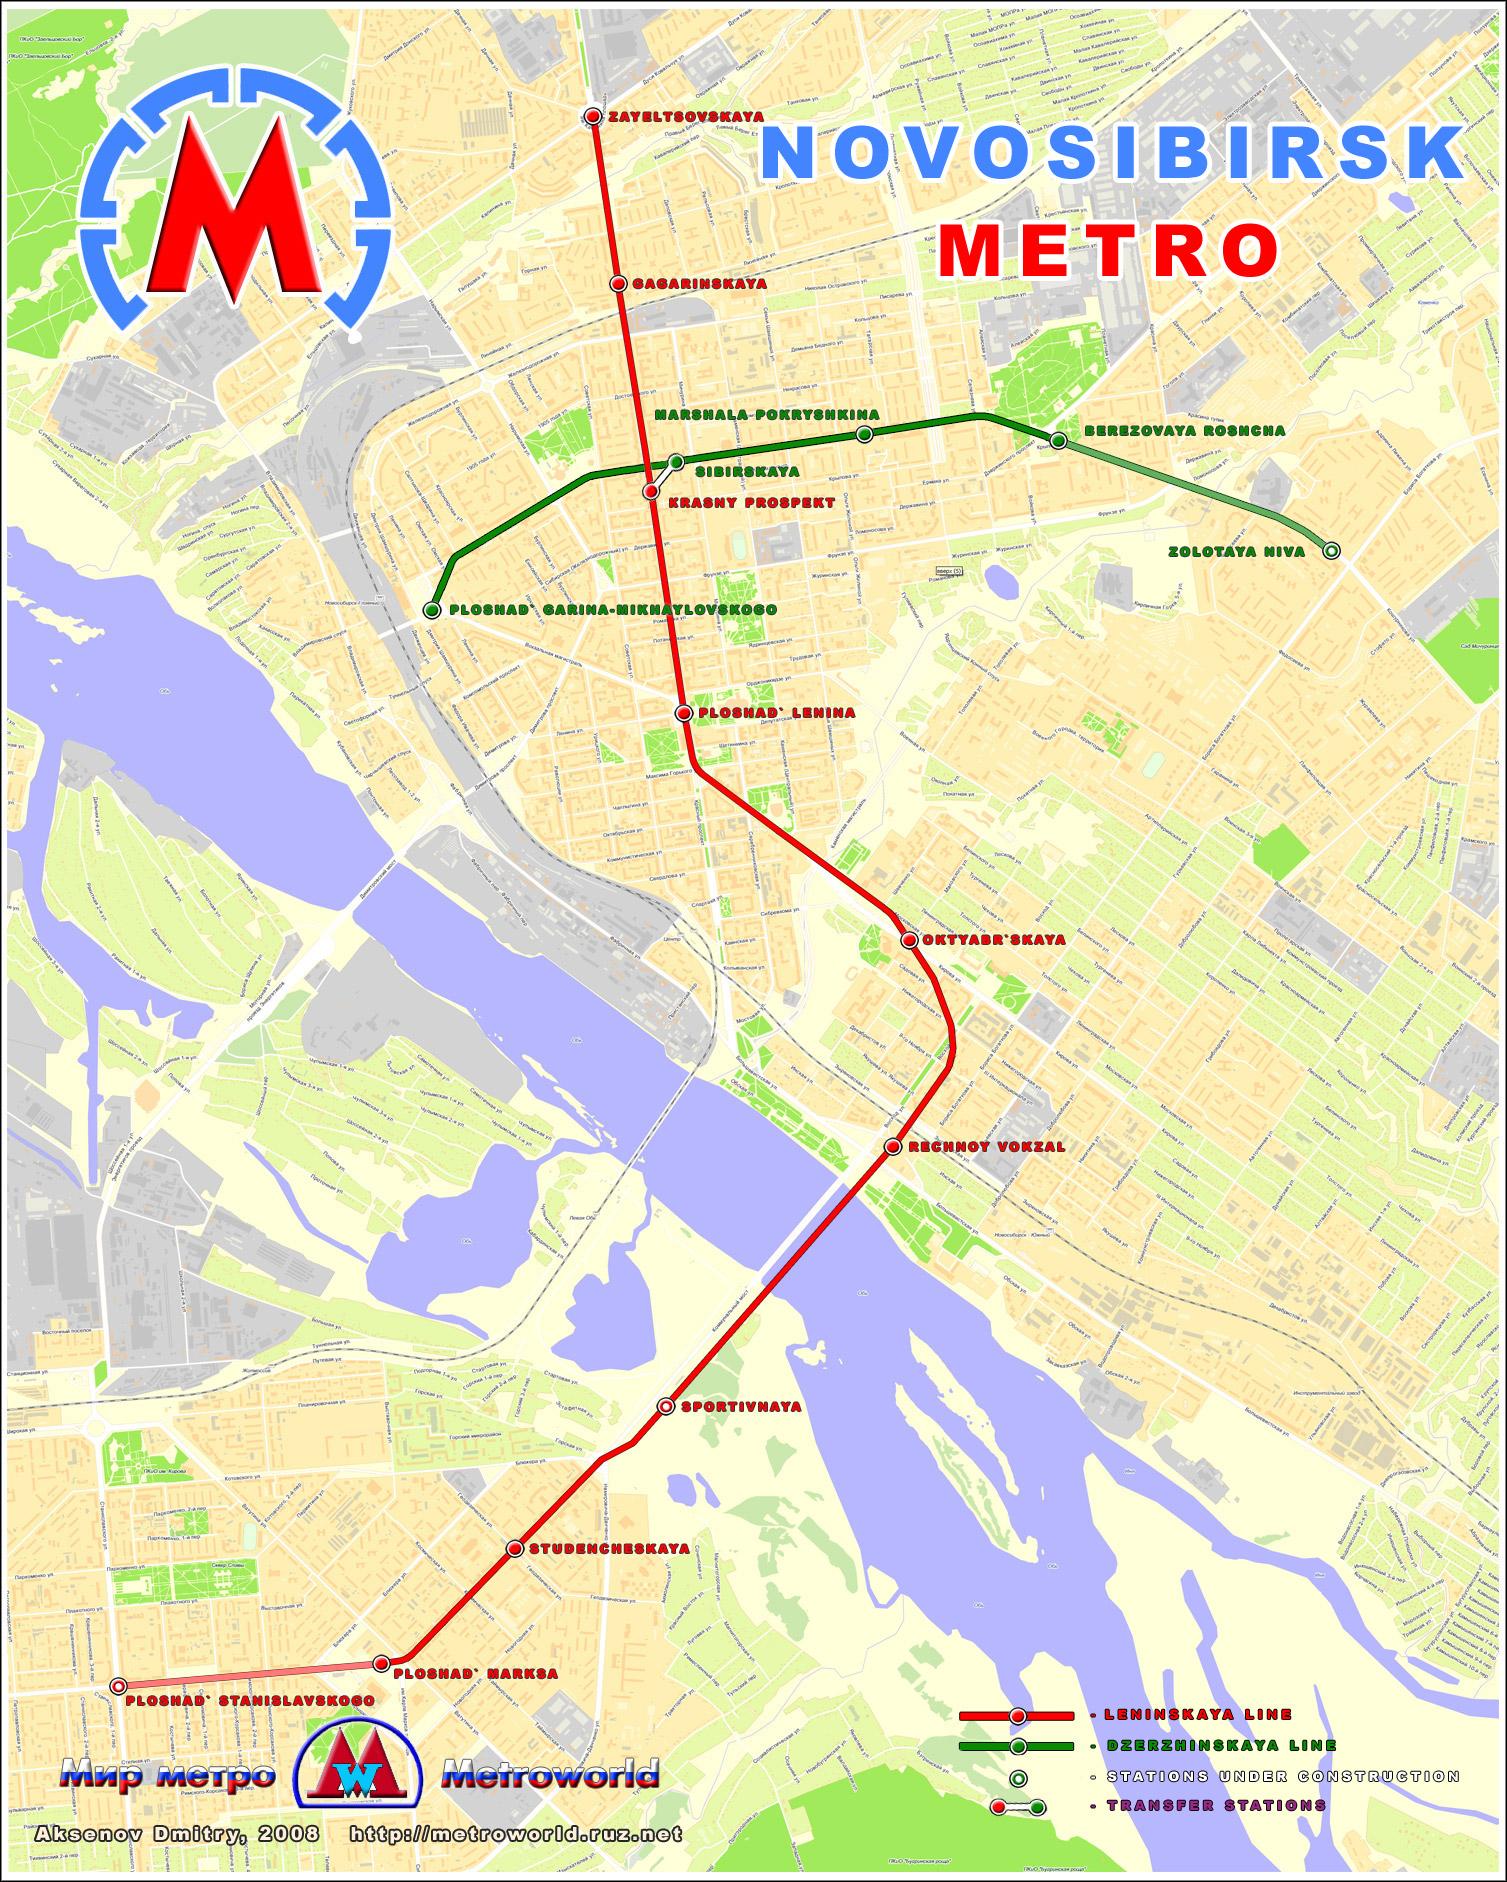 Наша метрошка: Первых пассажиров Новосибирский метрополитен принял в конце 1985 года.